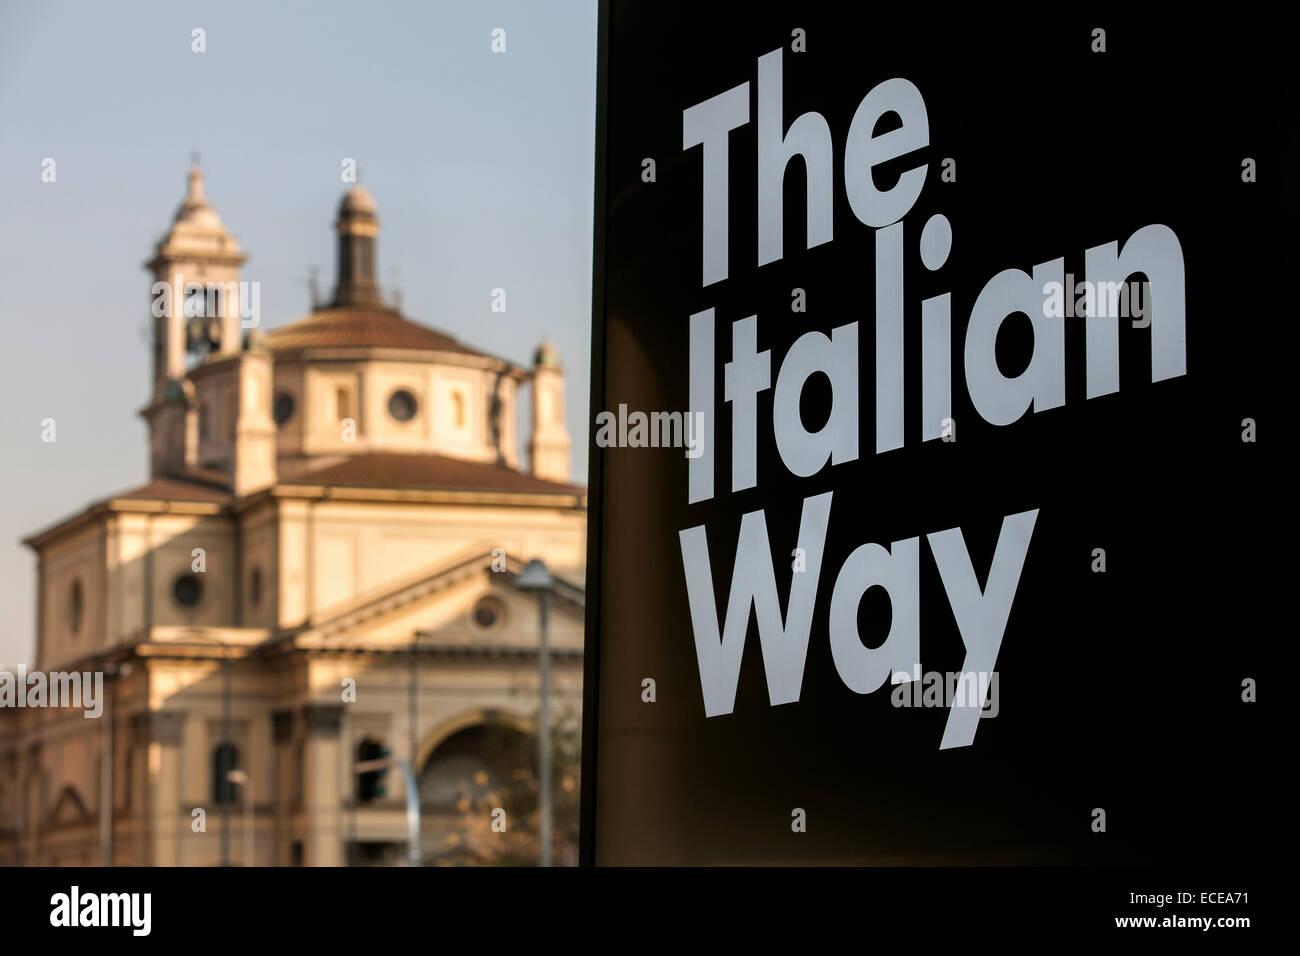 Milan, St. James' Church,The Italian Way, Italy - Stock Image